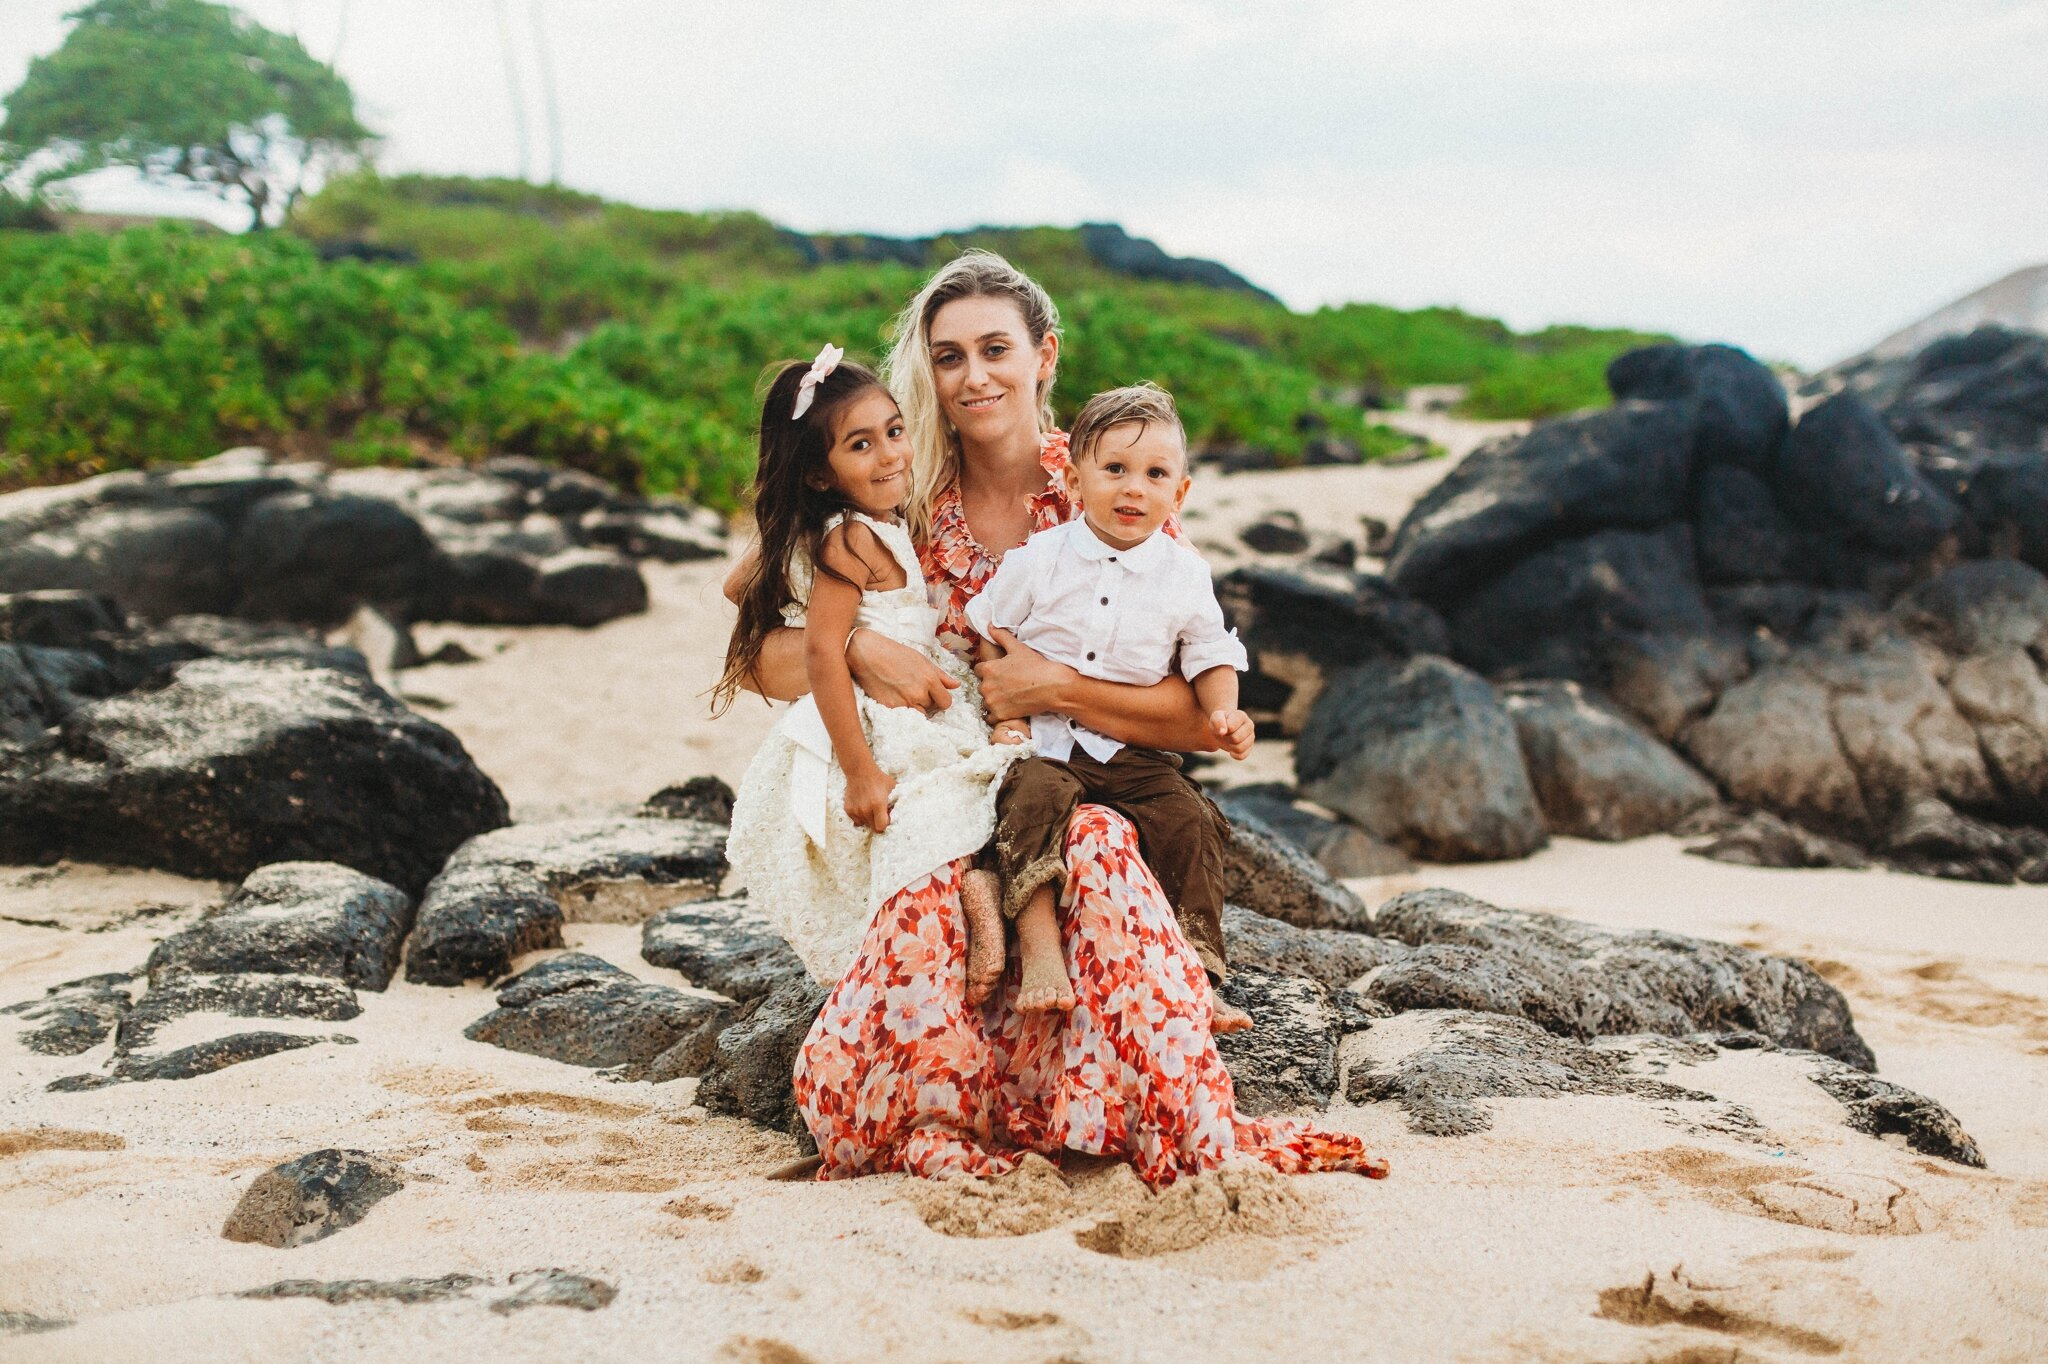 Makapu'u Beach Park Mommy and me Photography Session - Oahu Hawaii Family Photographer